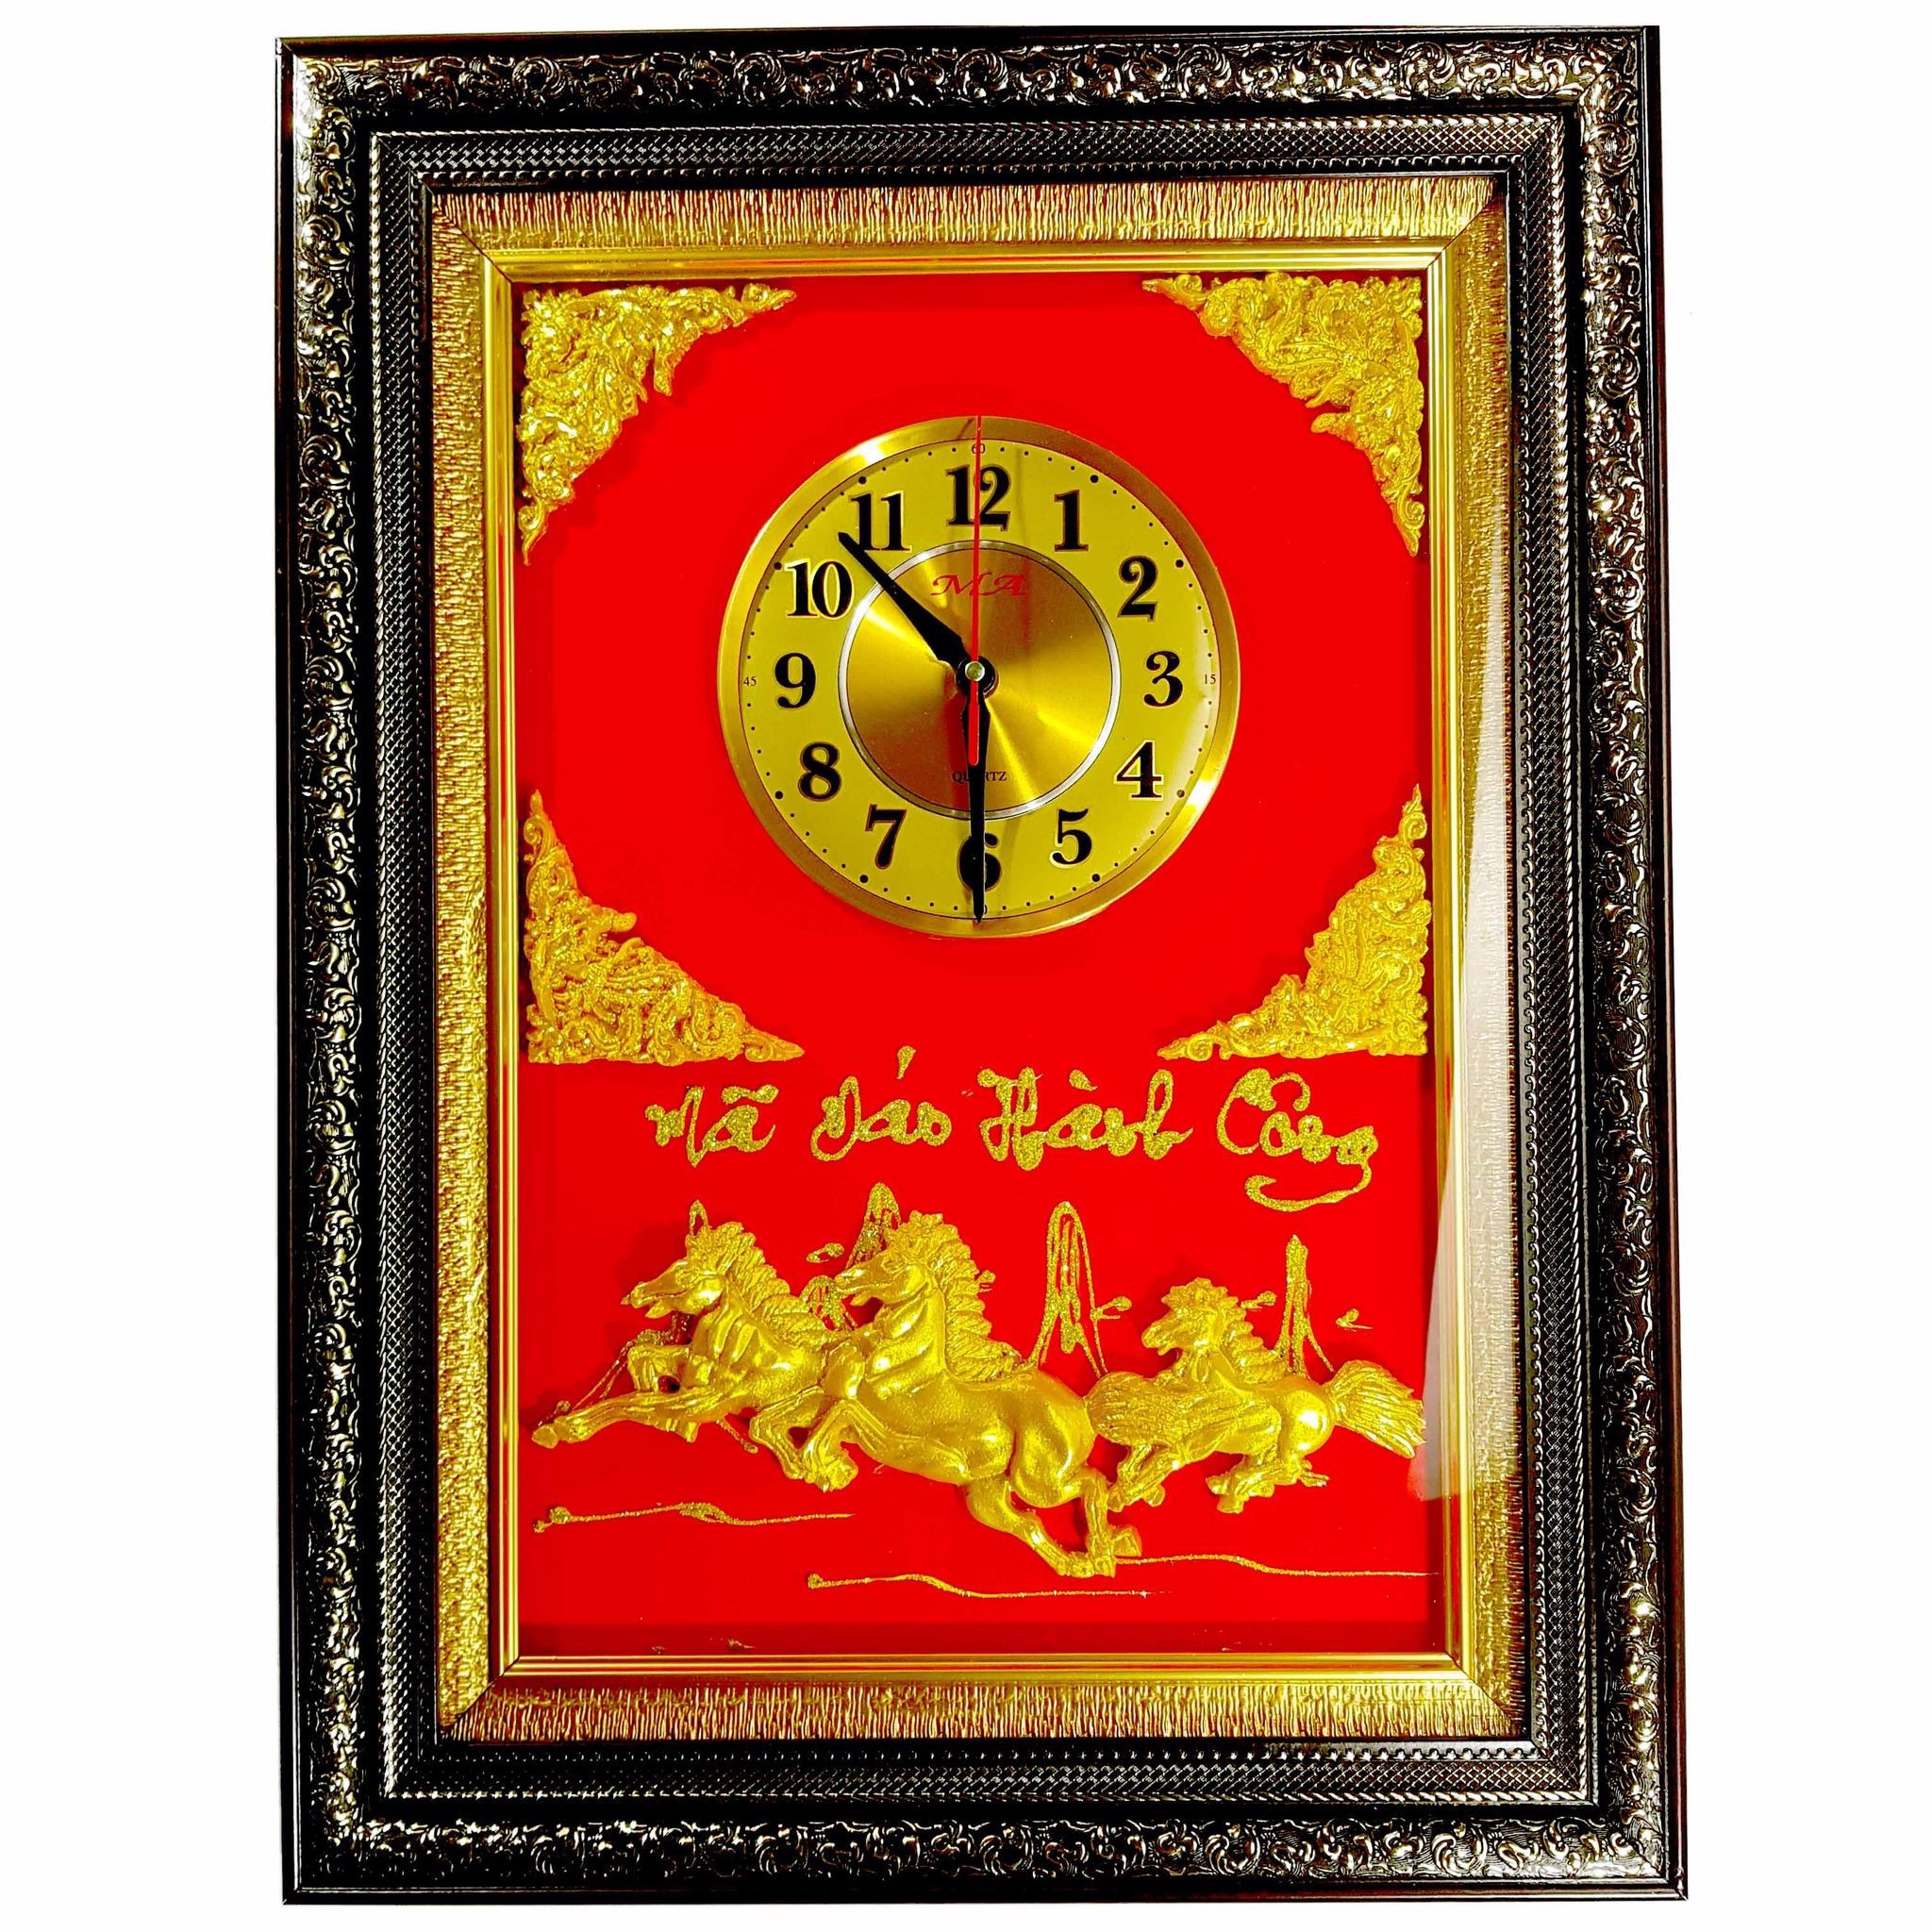 Ý nghĩa khi tặng đồng hồ treo cho người yêu, bạn bè